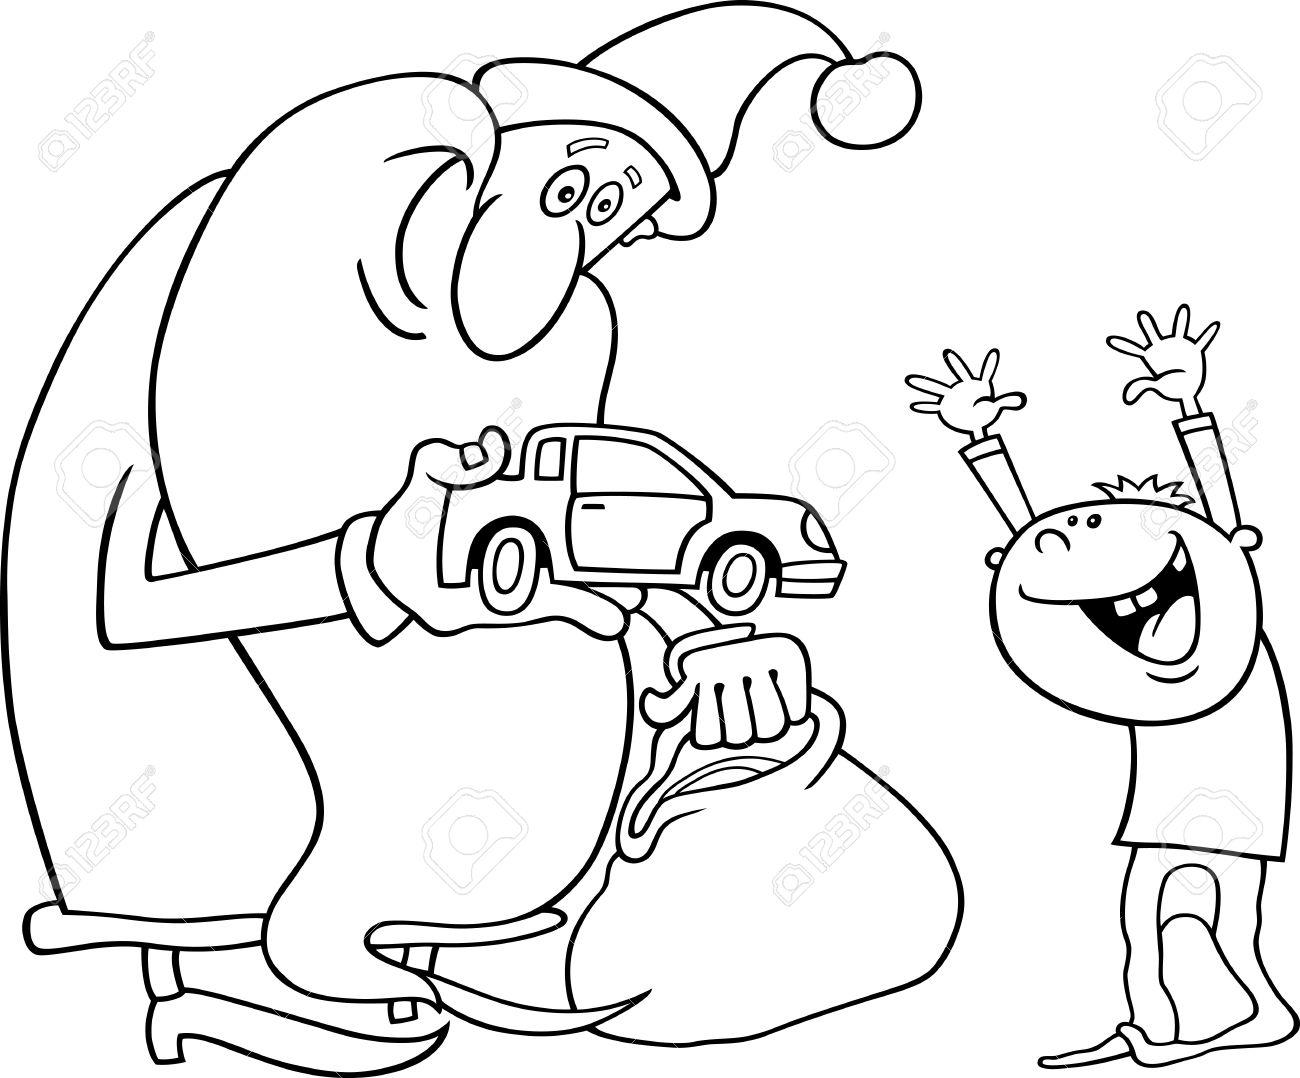 √ 60 Dibujos Para Colorear De Regalos De Navidad